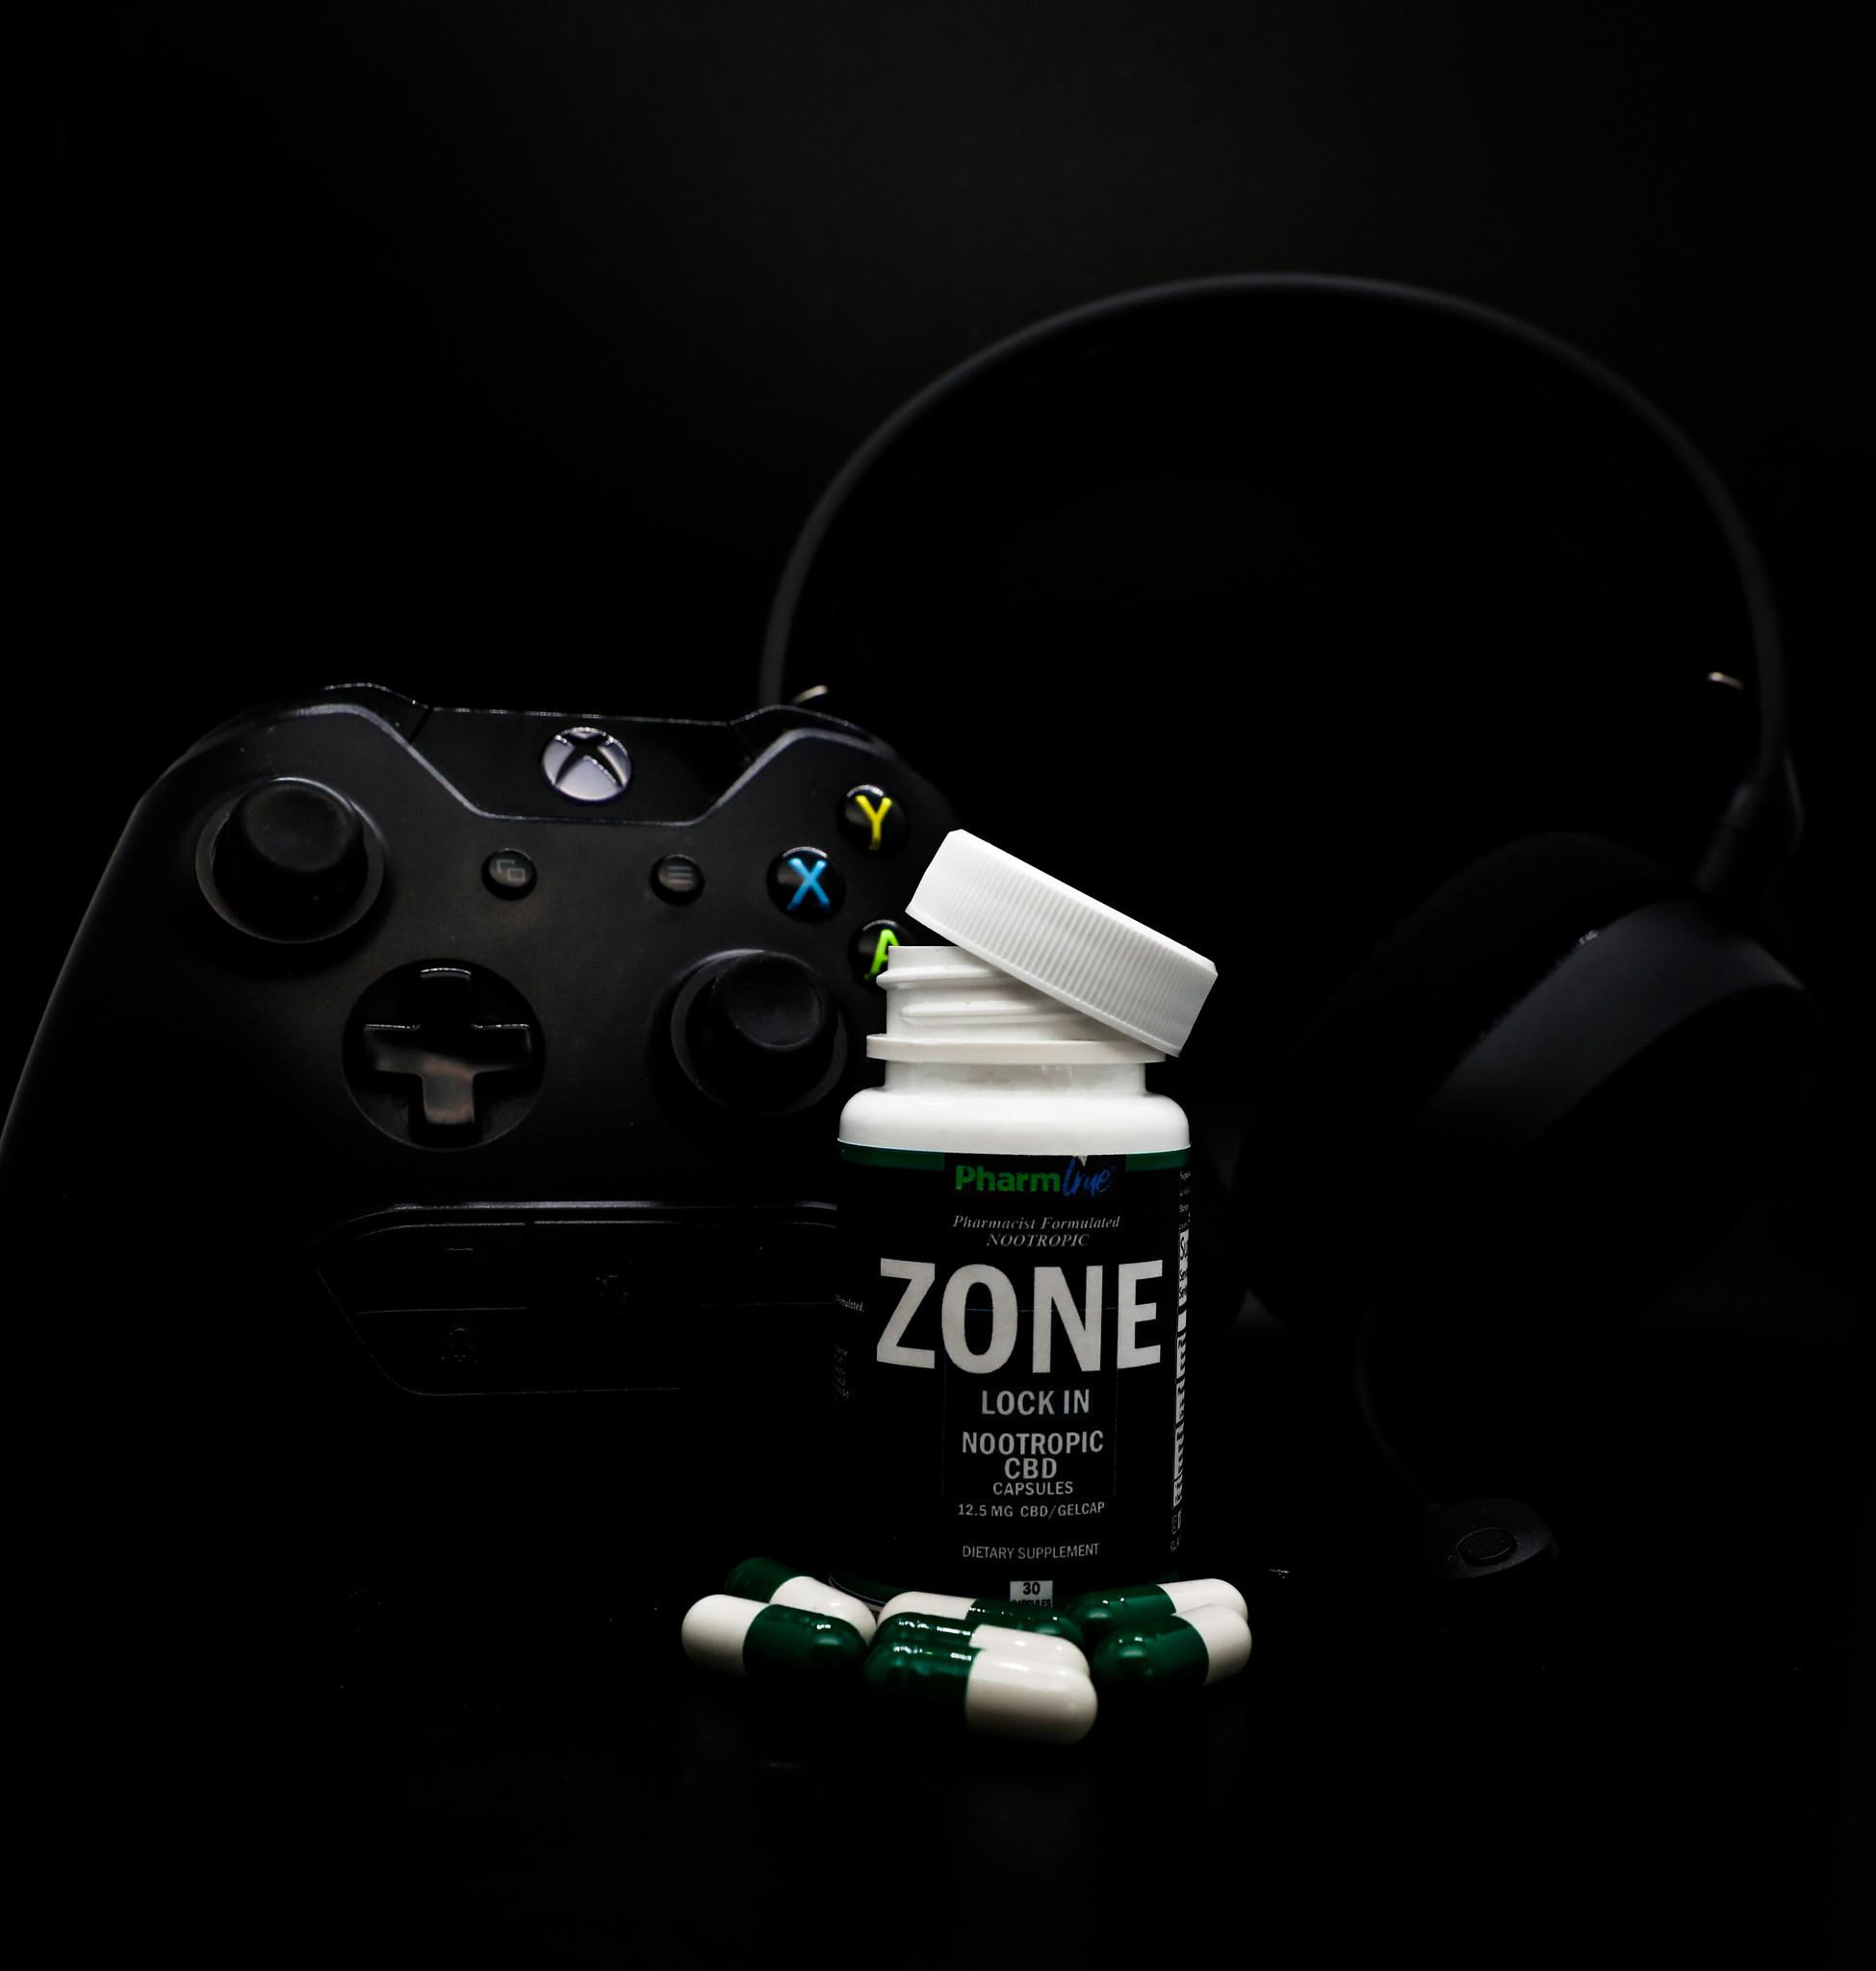 xbox zone capsules